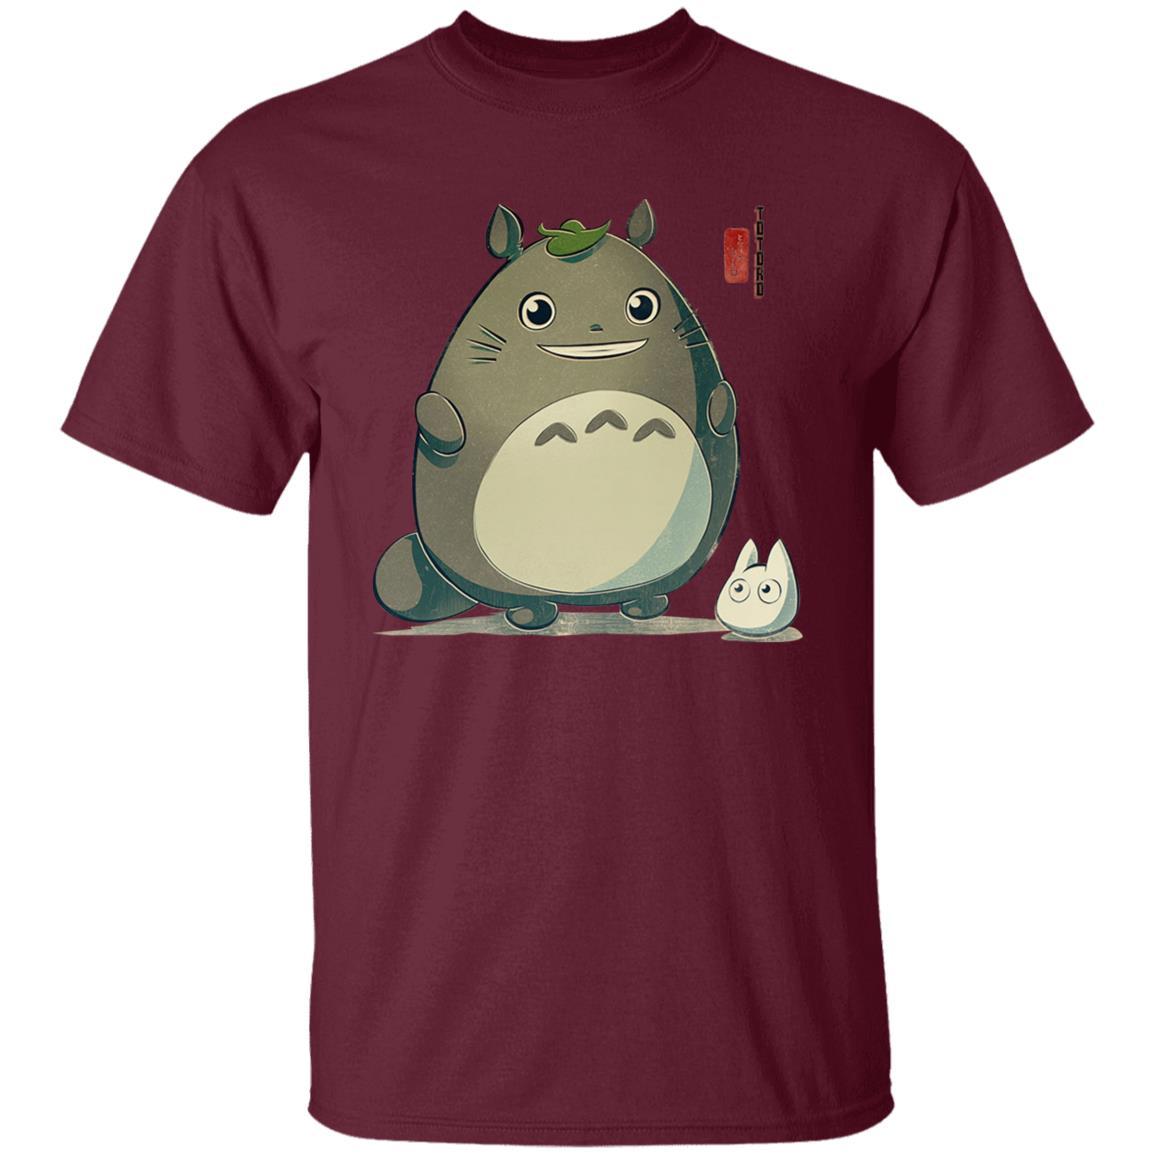 Totoro Cute Chibi T Shirt